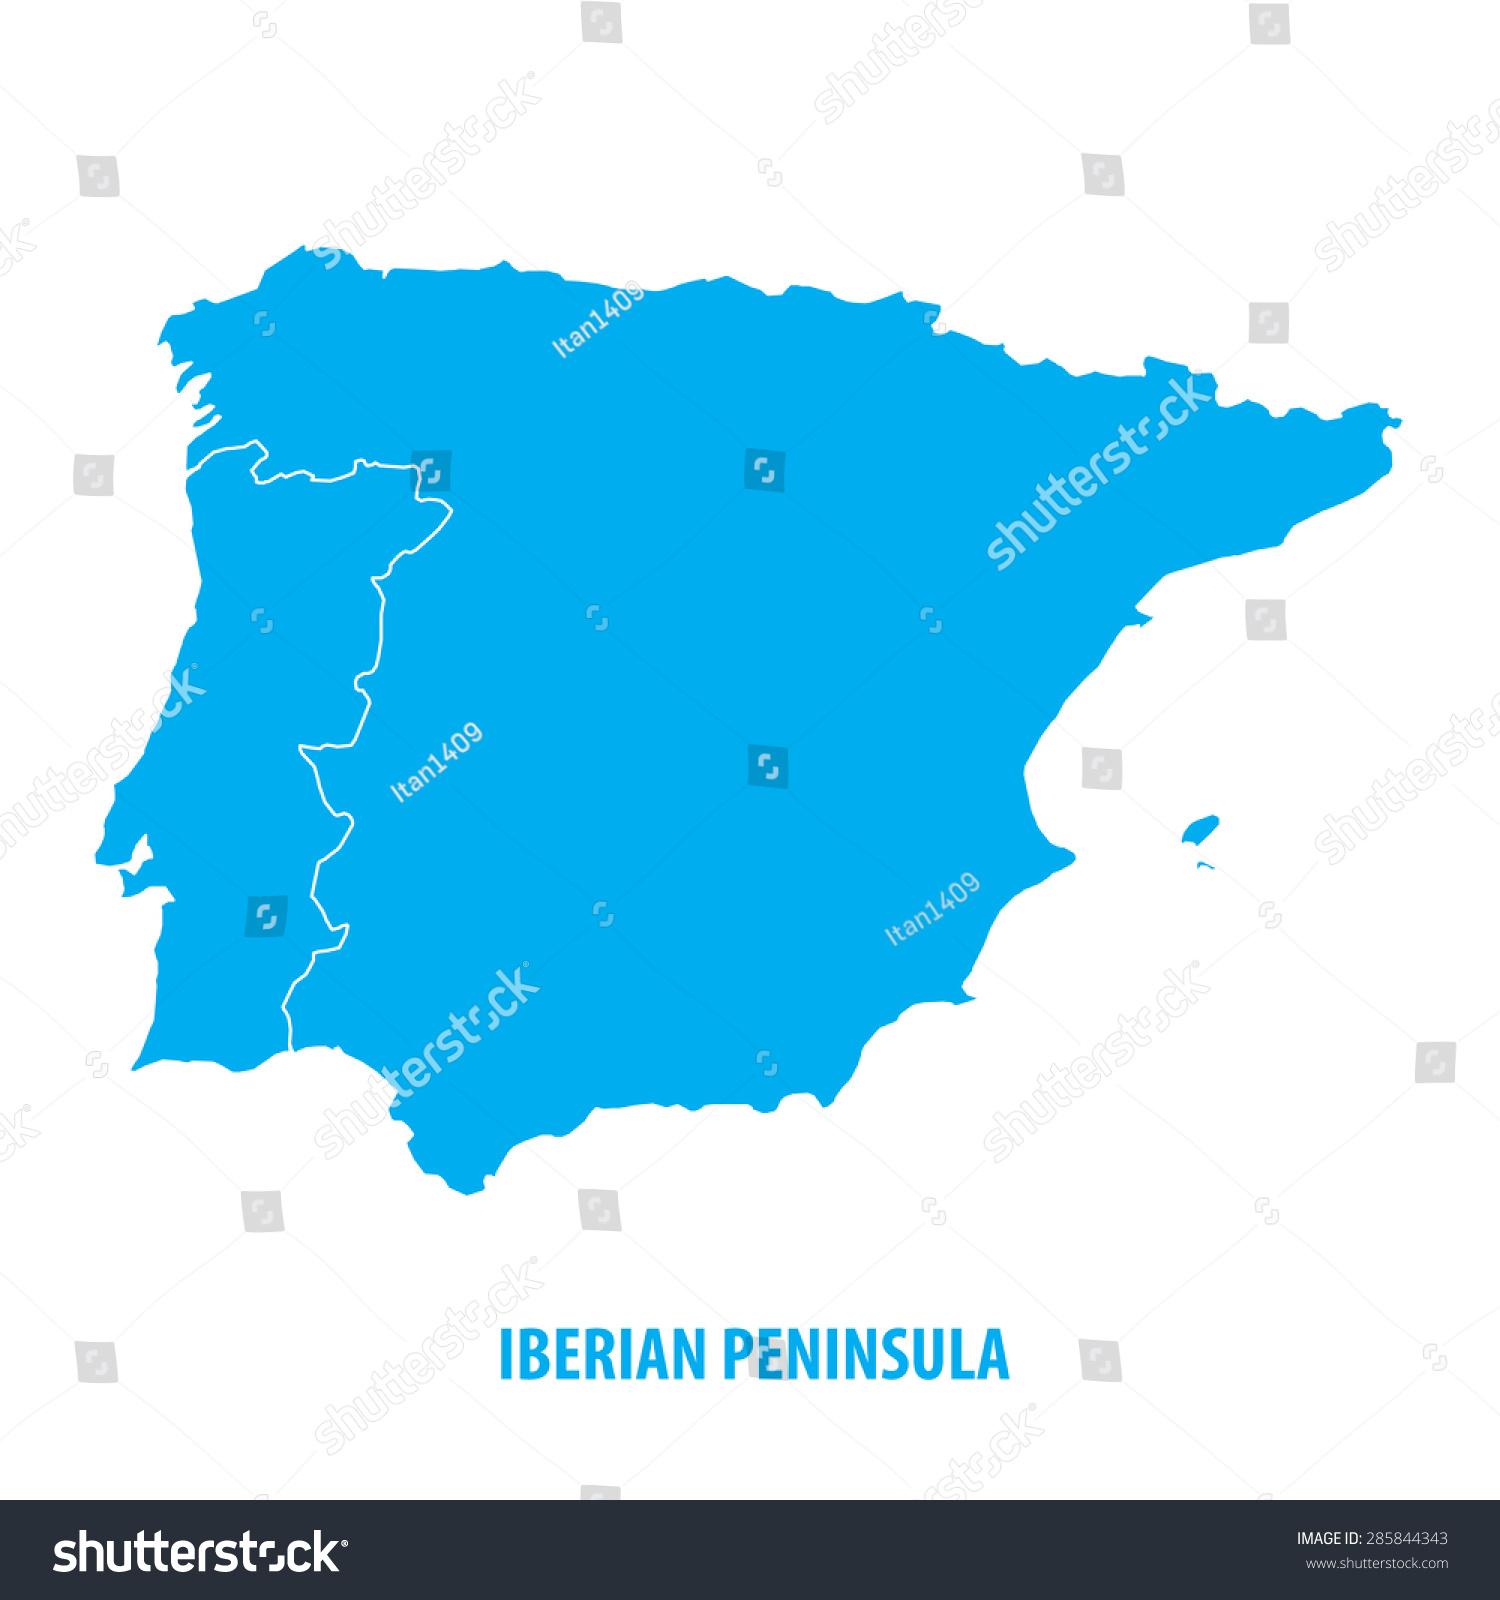 Iberian Peninsula Spain Portugal Stock Vector Shutterstock - Portugal map iberian peninsula